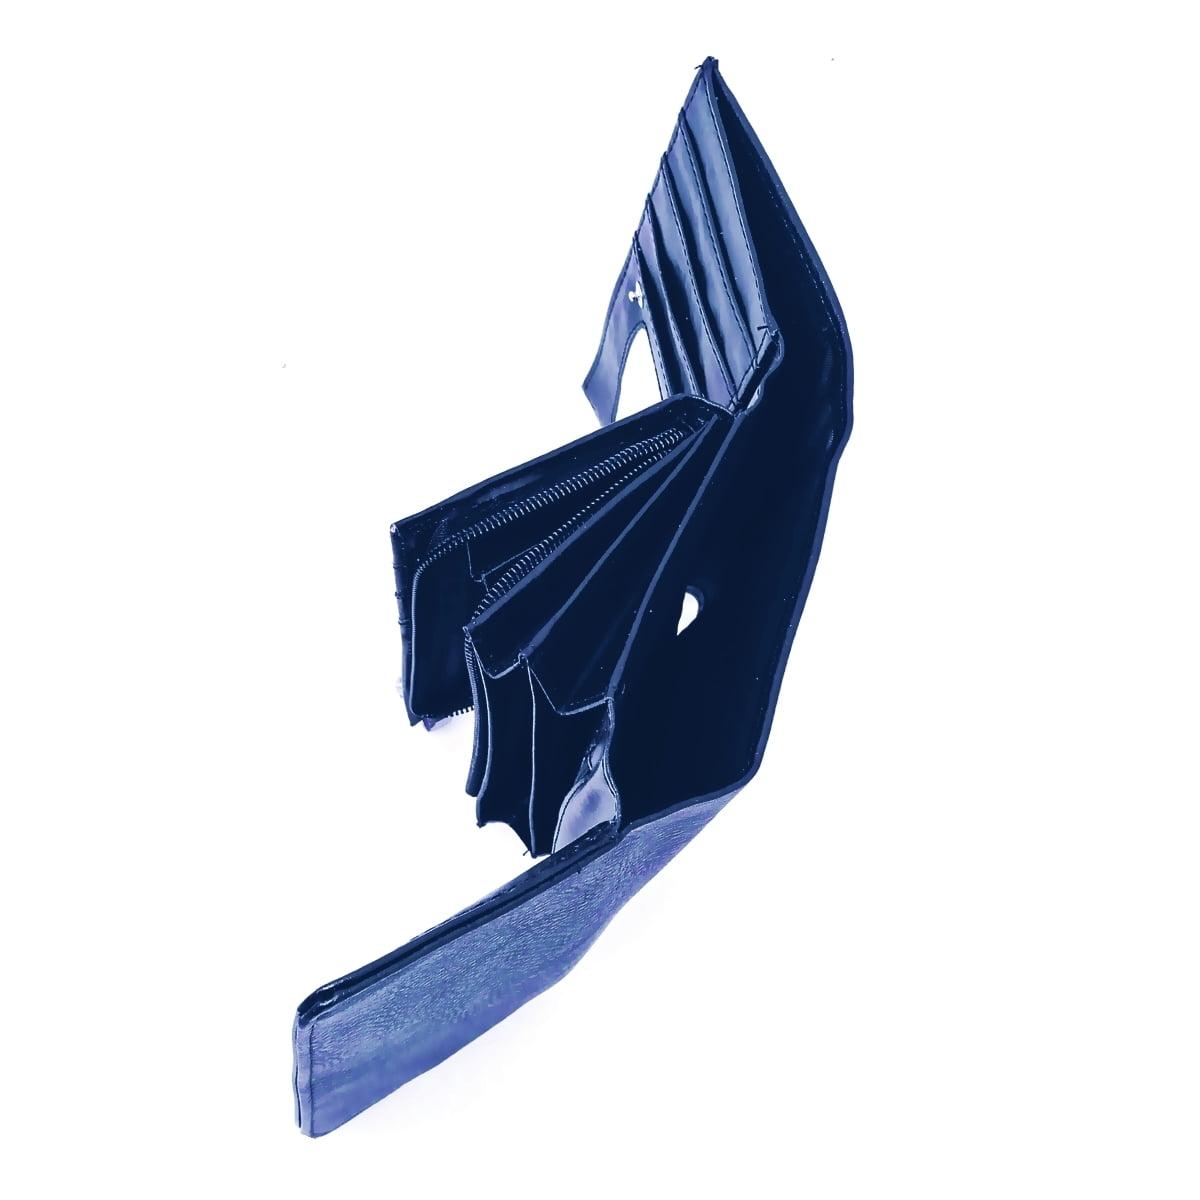 Portofel dama, blumarin, cu buzunar mare lateral pentru bancnote, din piele ecologica, 18/10 cm, Magrot 023